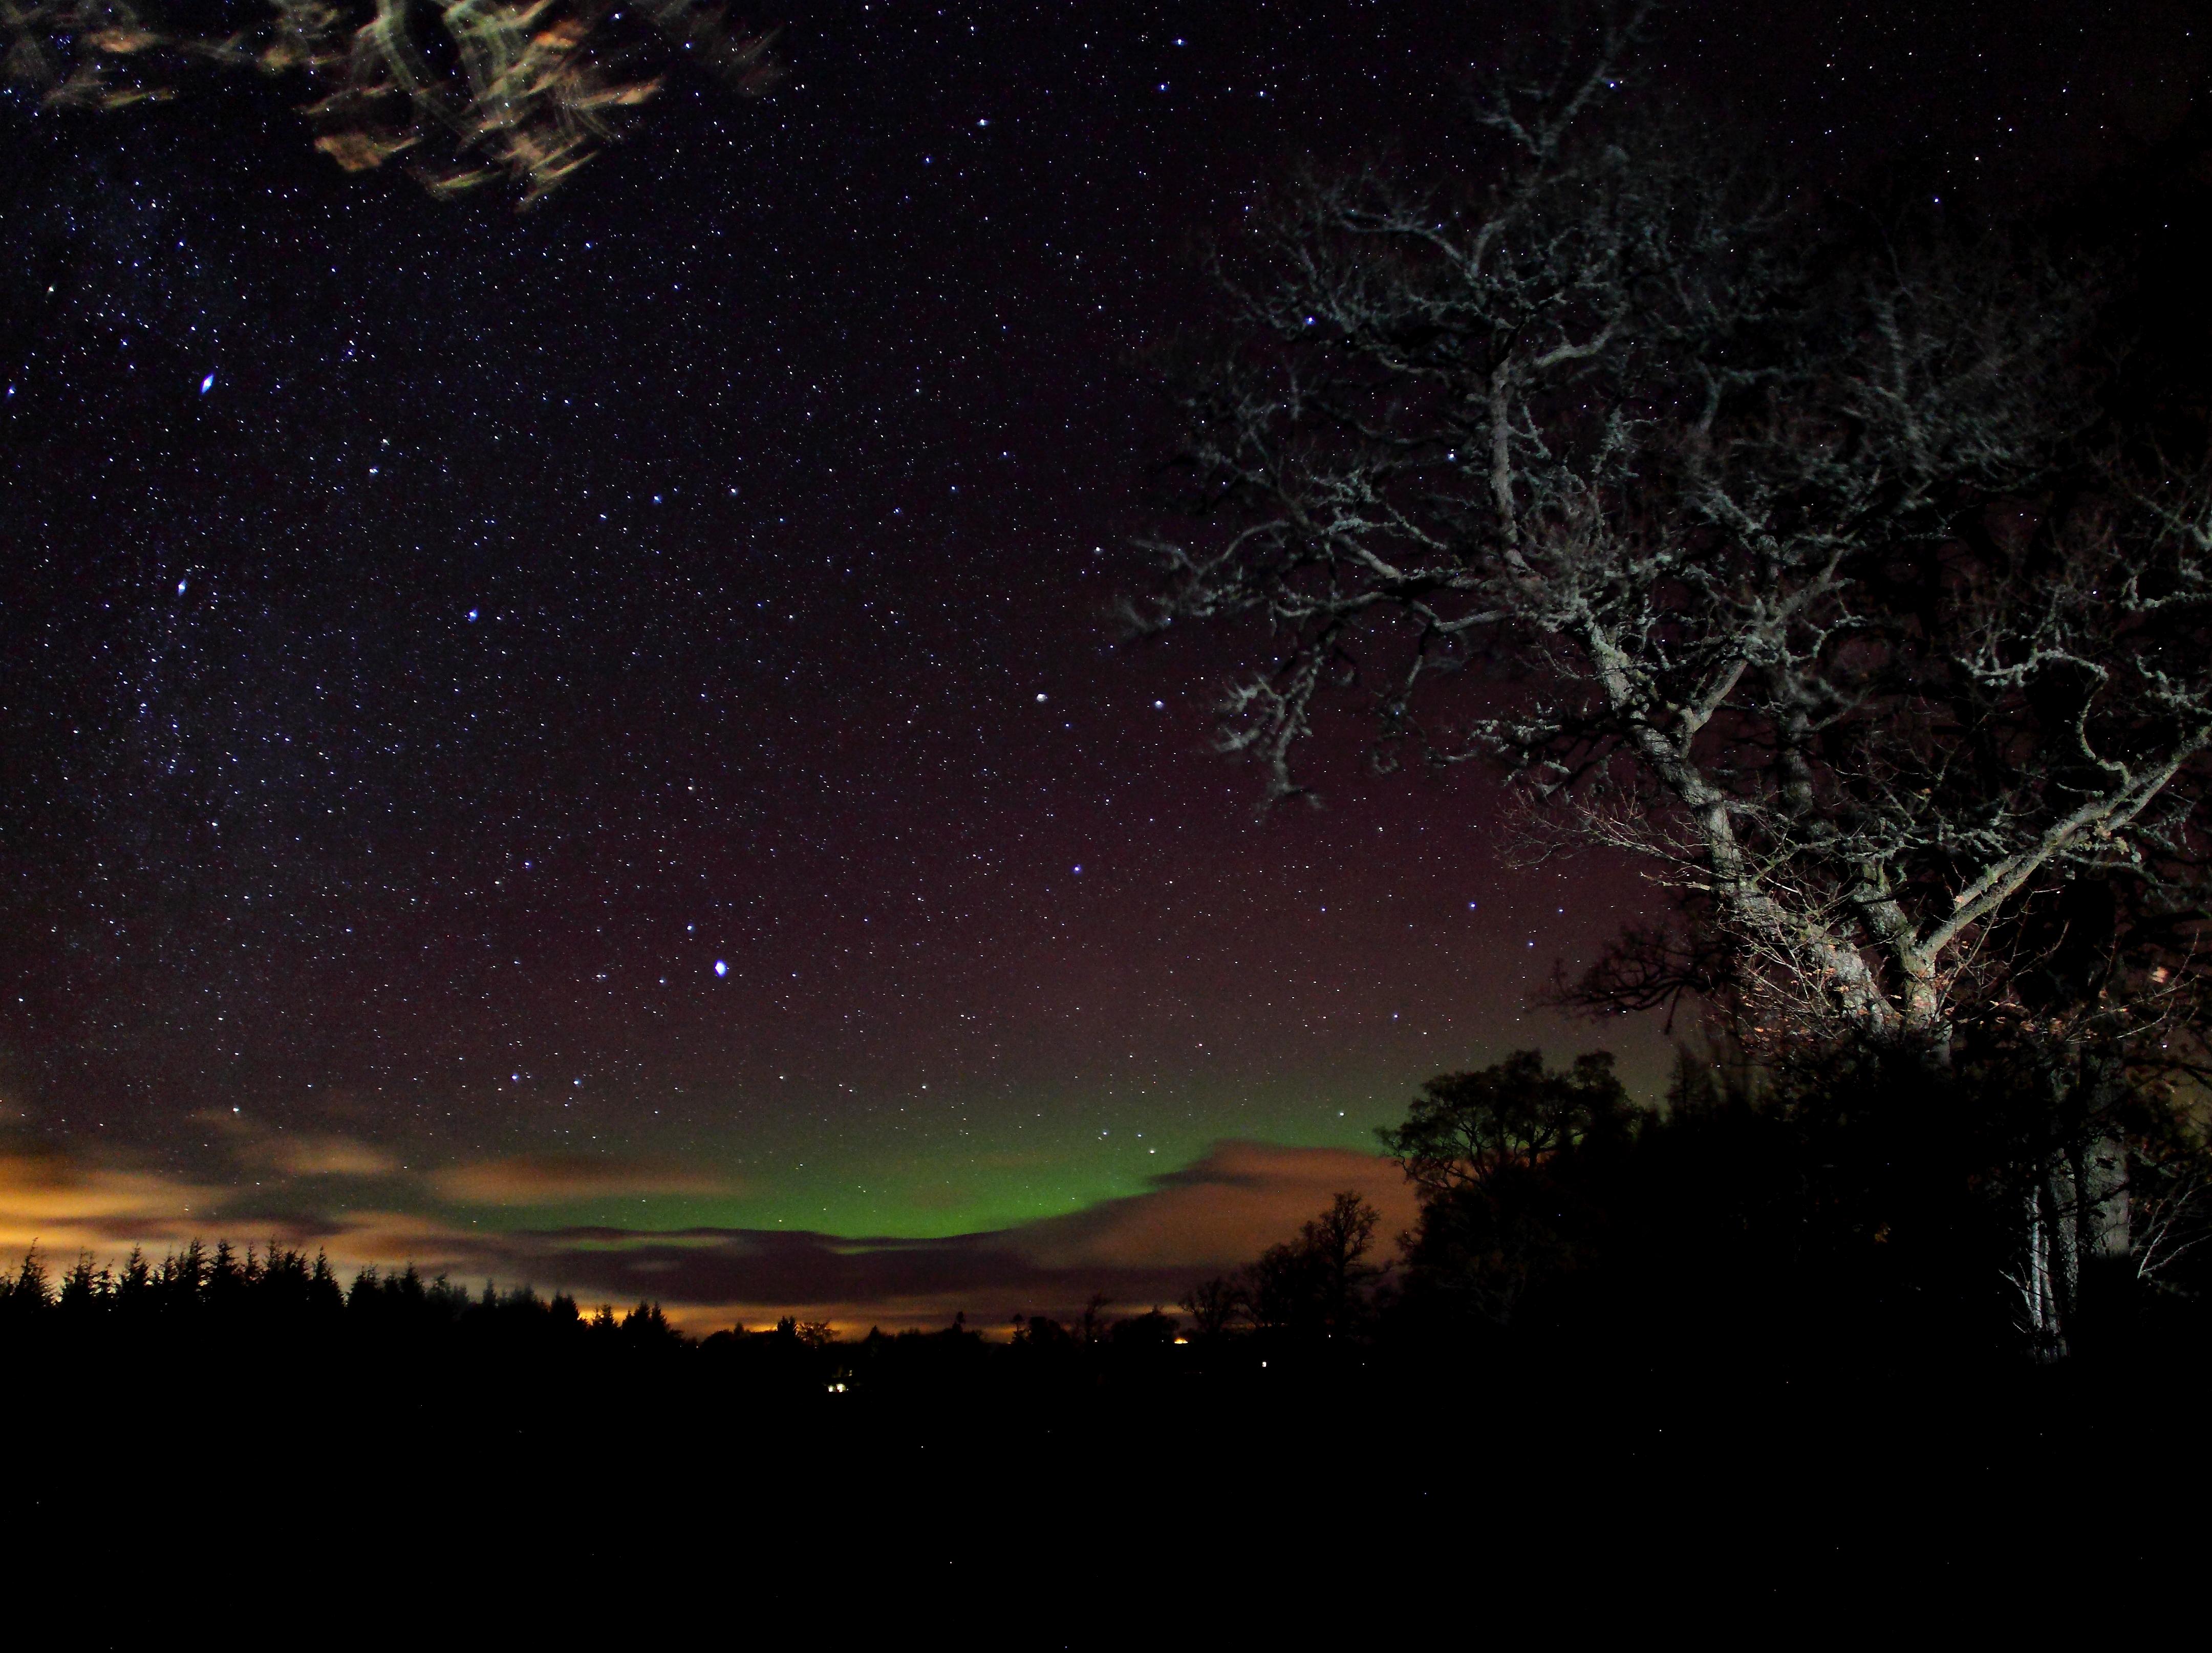 Aurora nightsky northernlights auroraborealis starrynight stargazing